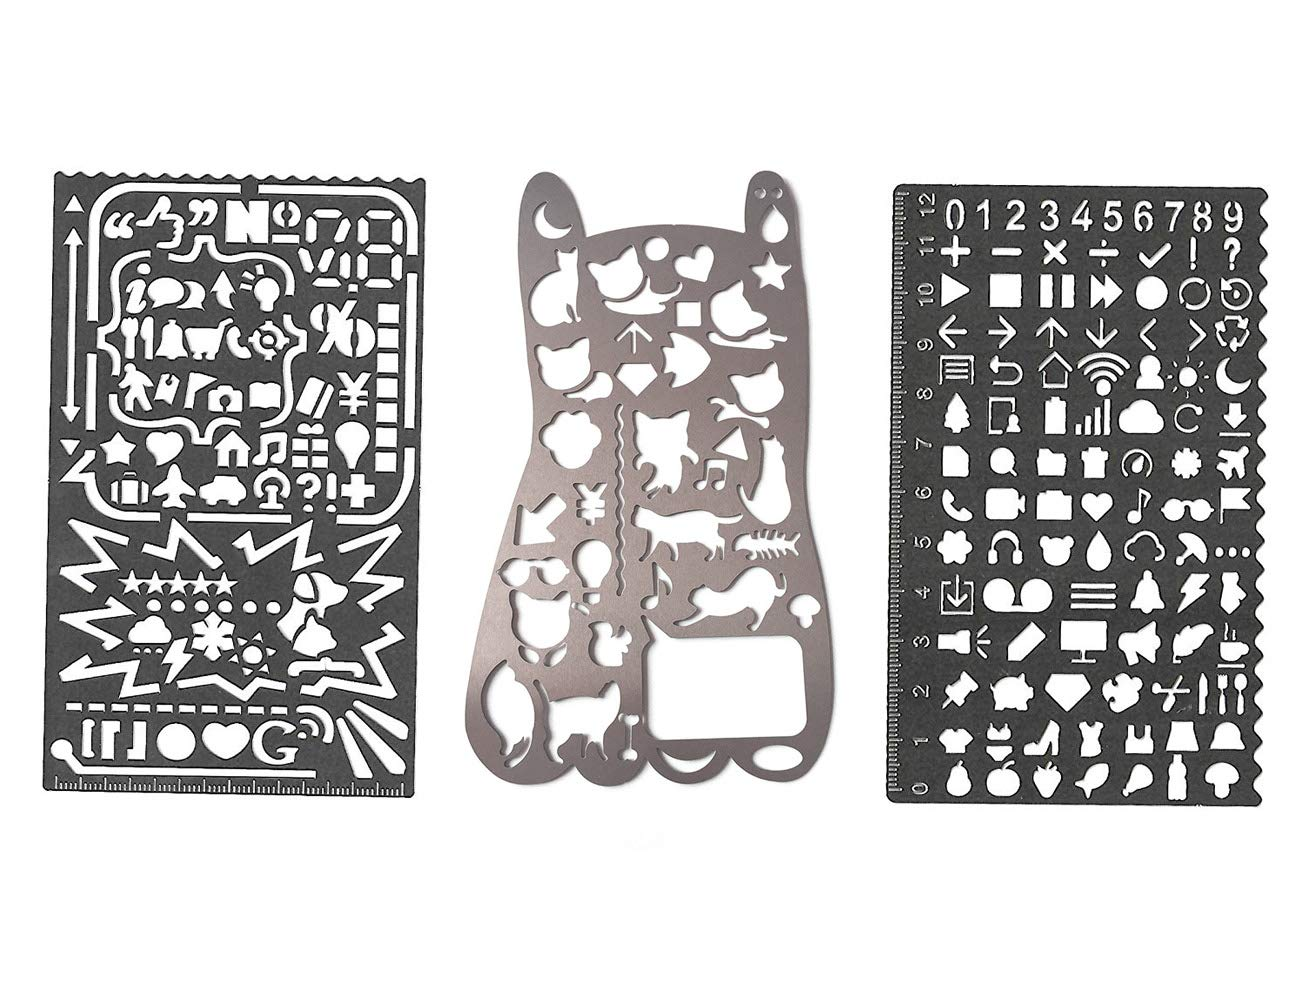 Conjunto de plantillas de metal número gato con muchos símbolos - Amupper Bullet Journal Planner Stencils Multifuncional Graffiti Doodle marcador de regla regalo para dibujo dibujo, paquete de 3: Amazon.es: Hogar